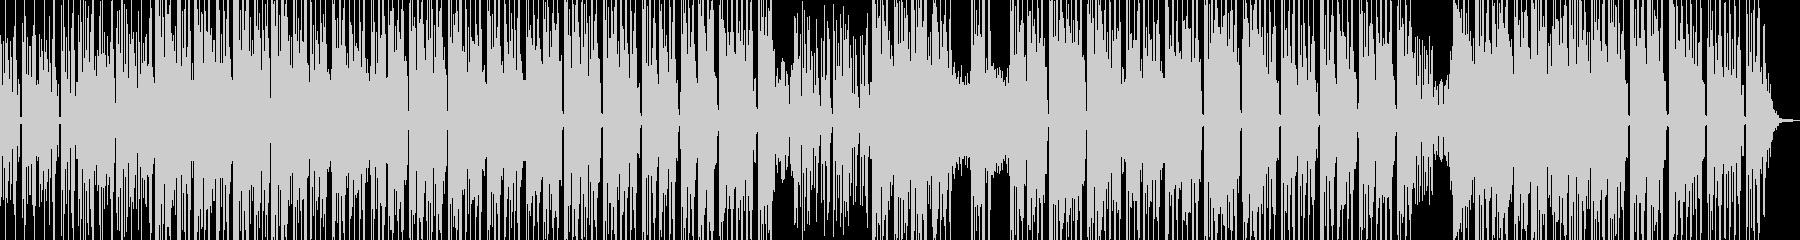 エジプト・エスニックR&Bポップ L+の未再生の波形